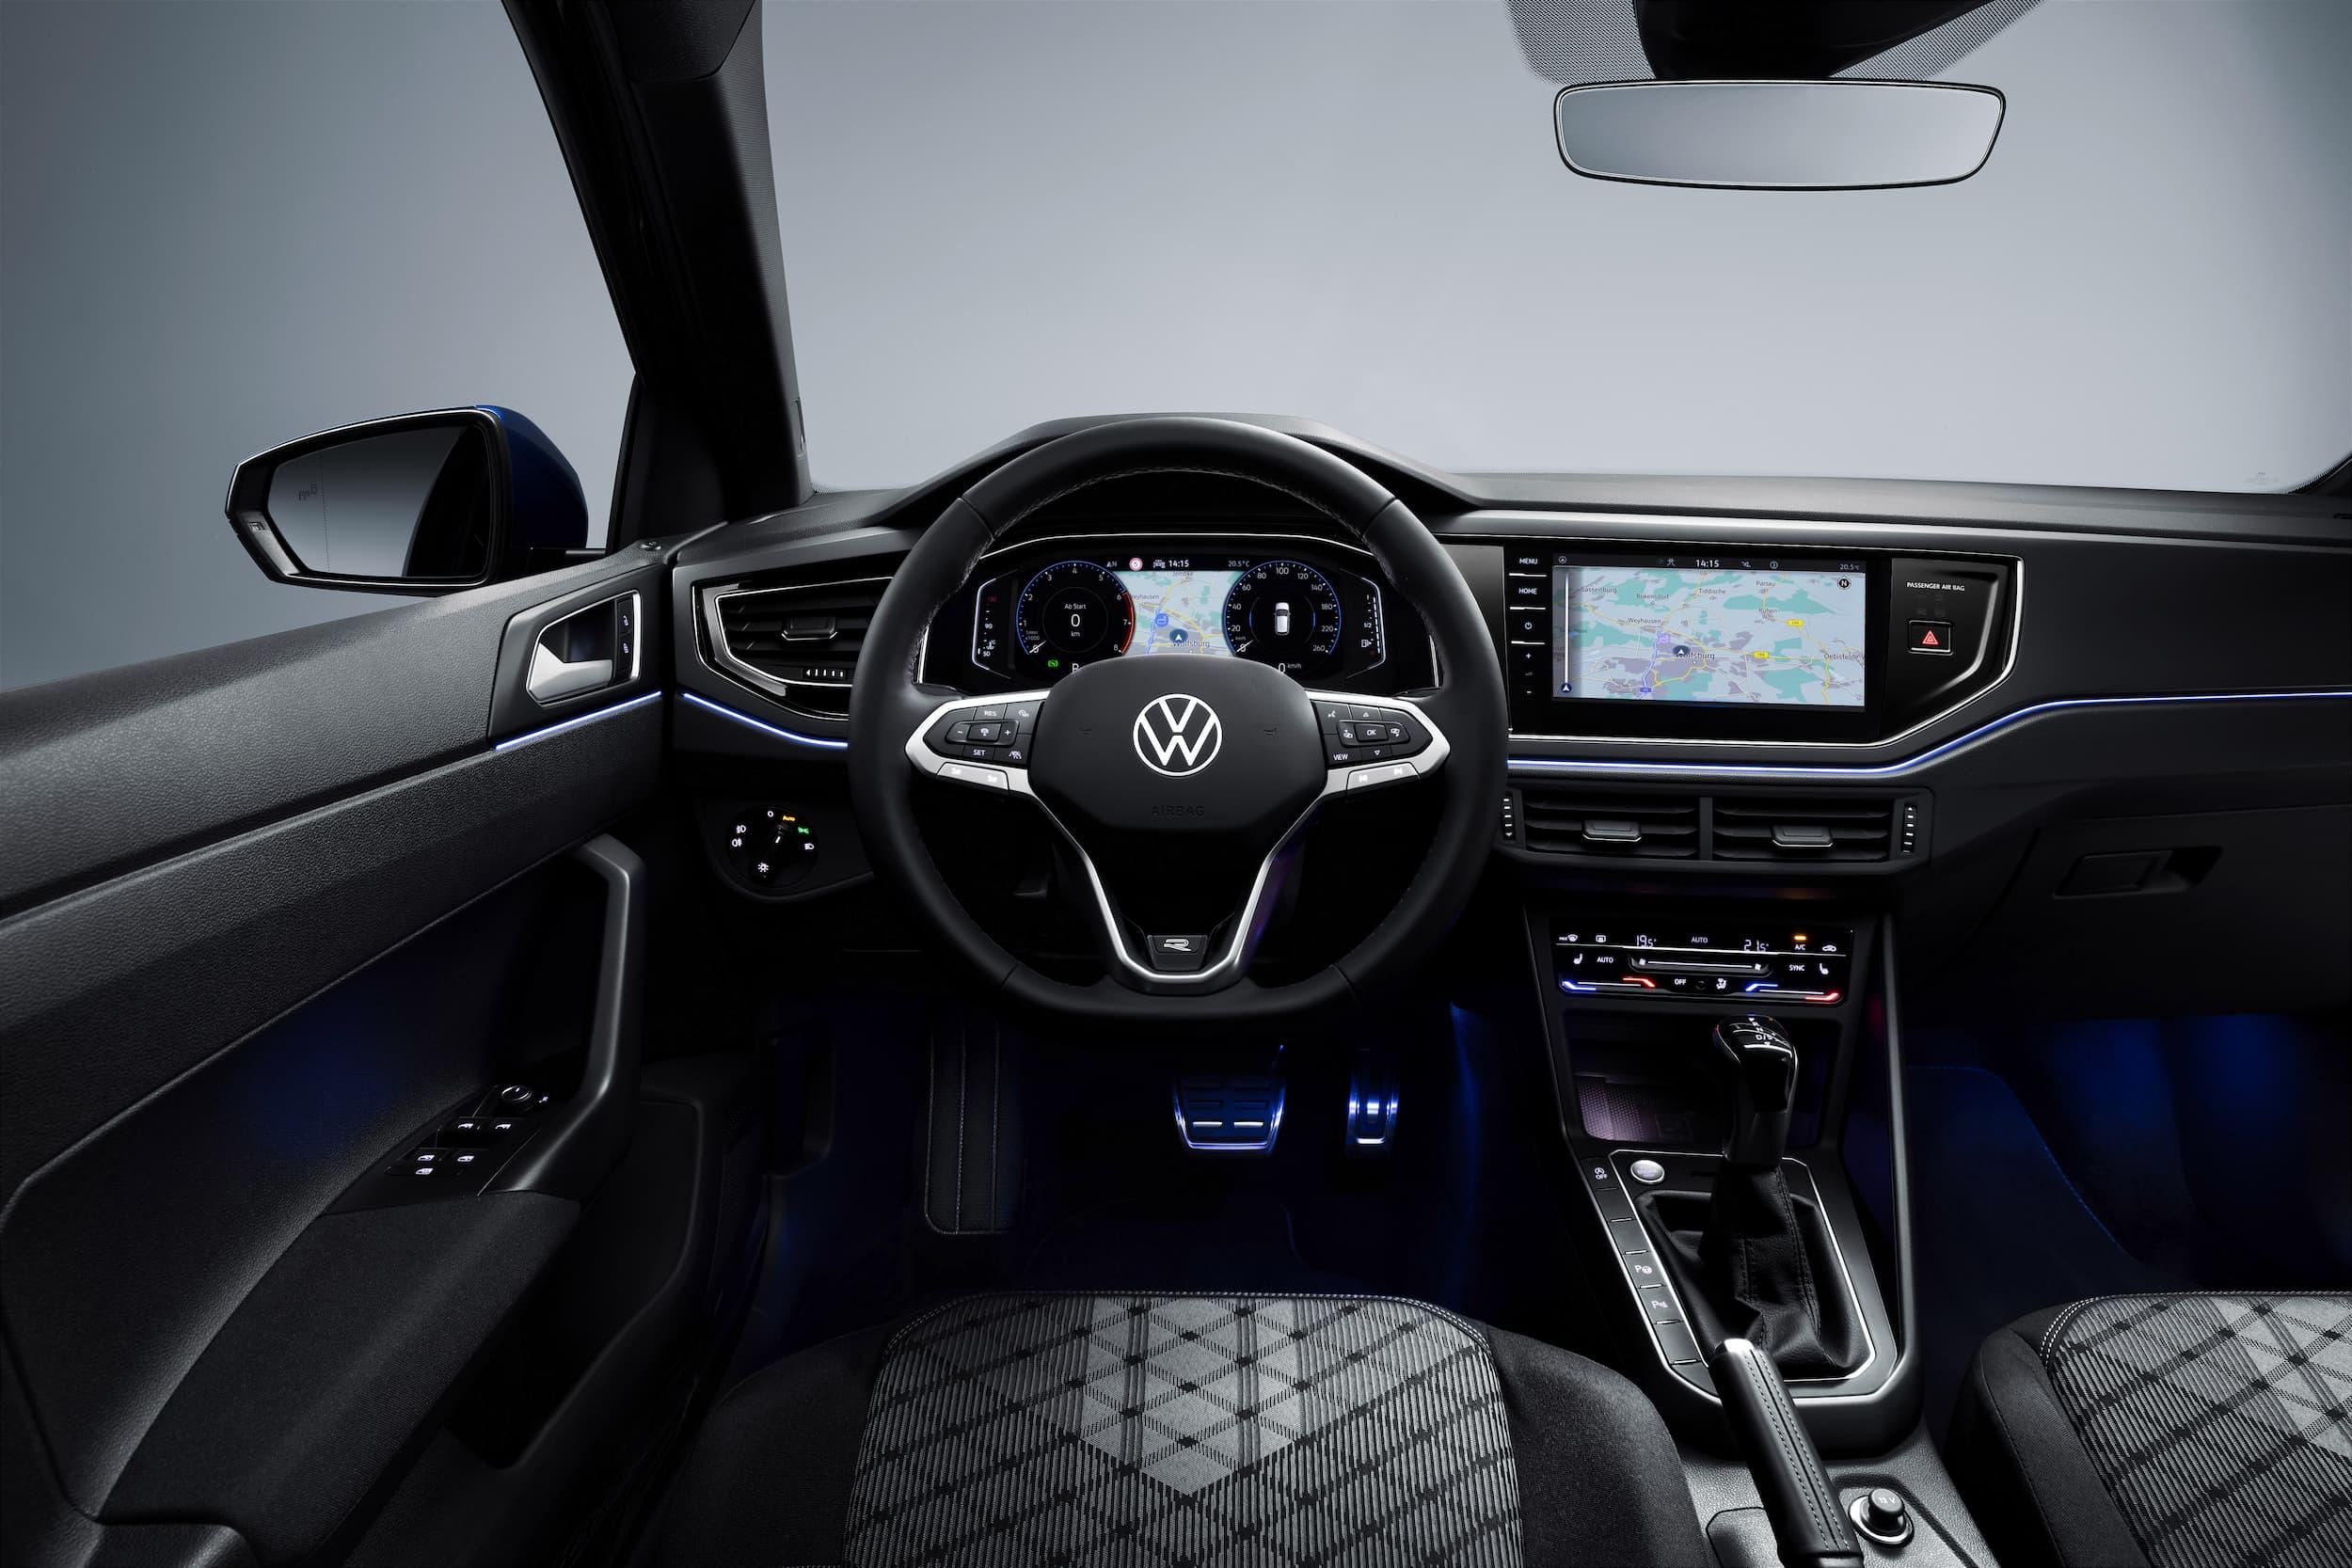 Nuevo Volkswagen Polo, uno de los primeros coches de su clase que circula de manera semiautomtica 7